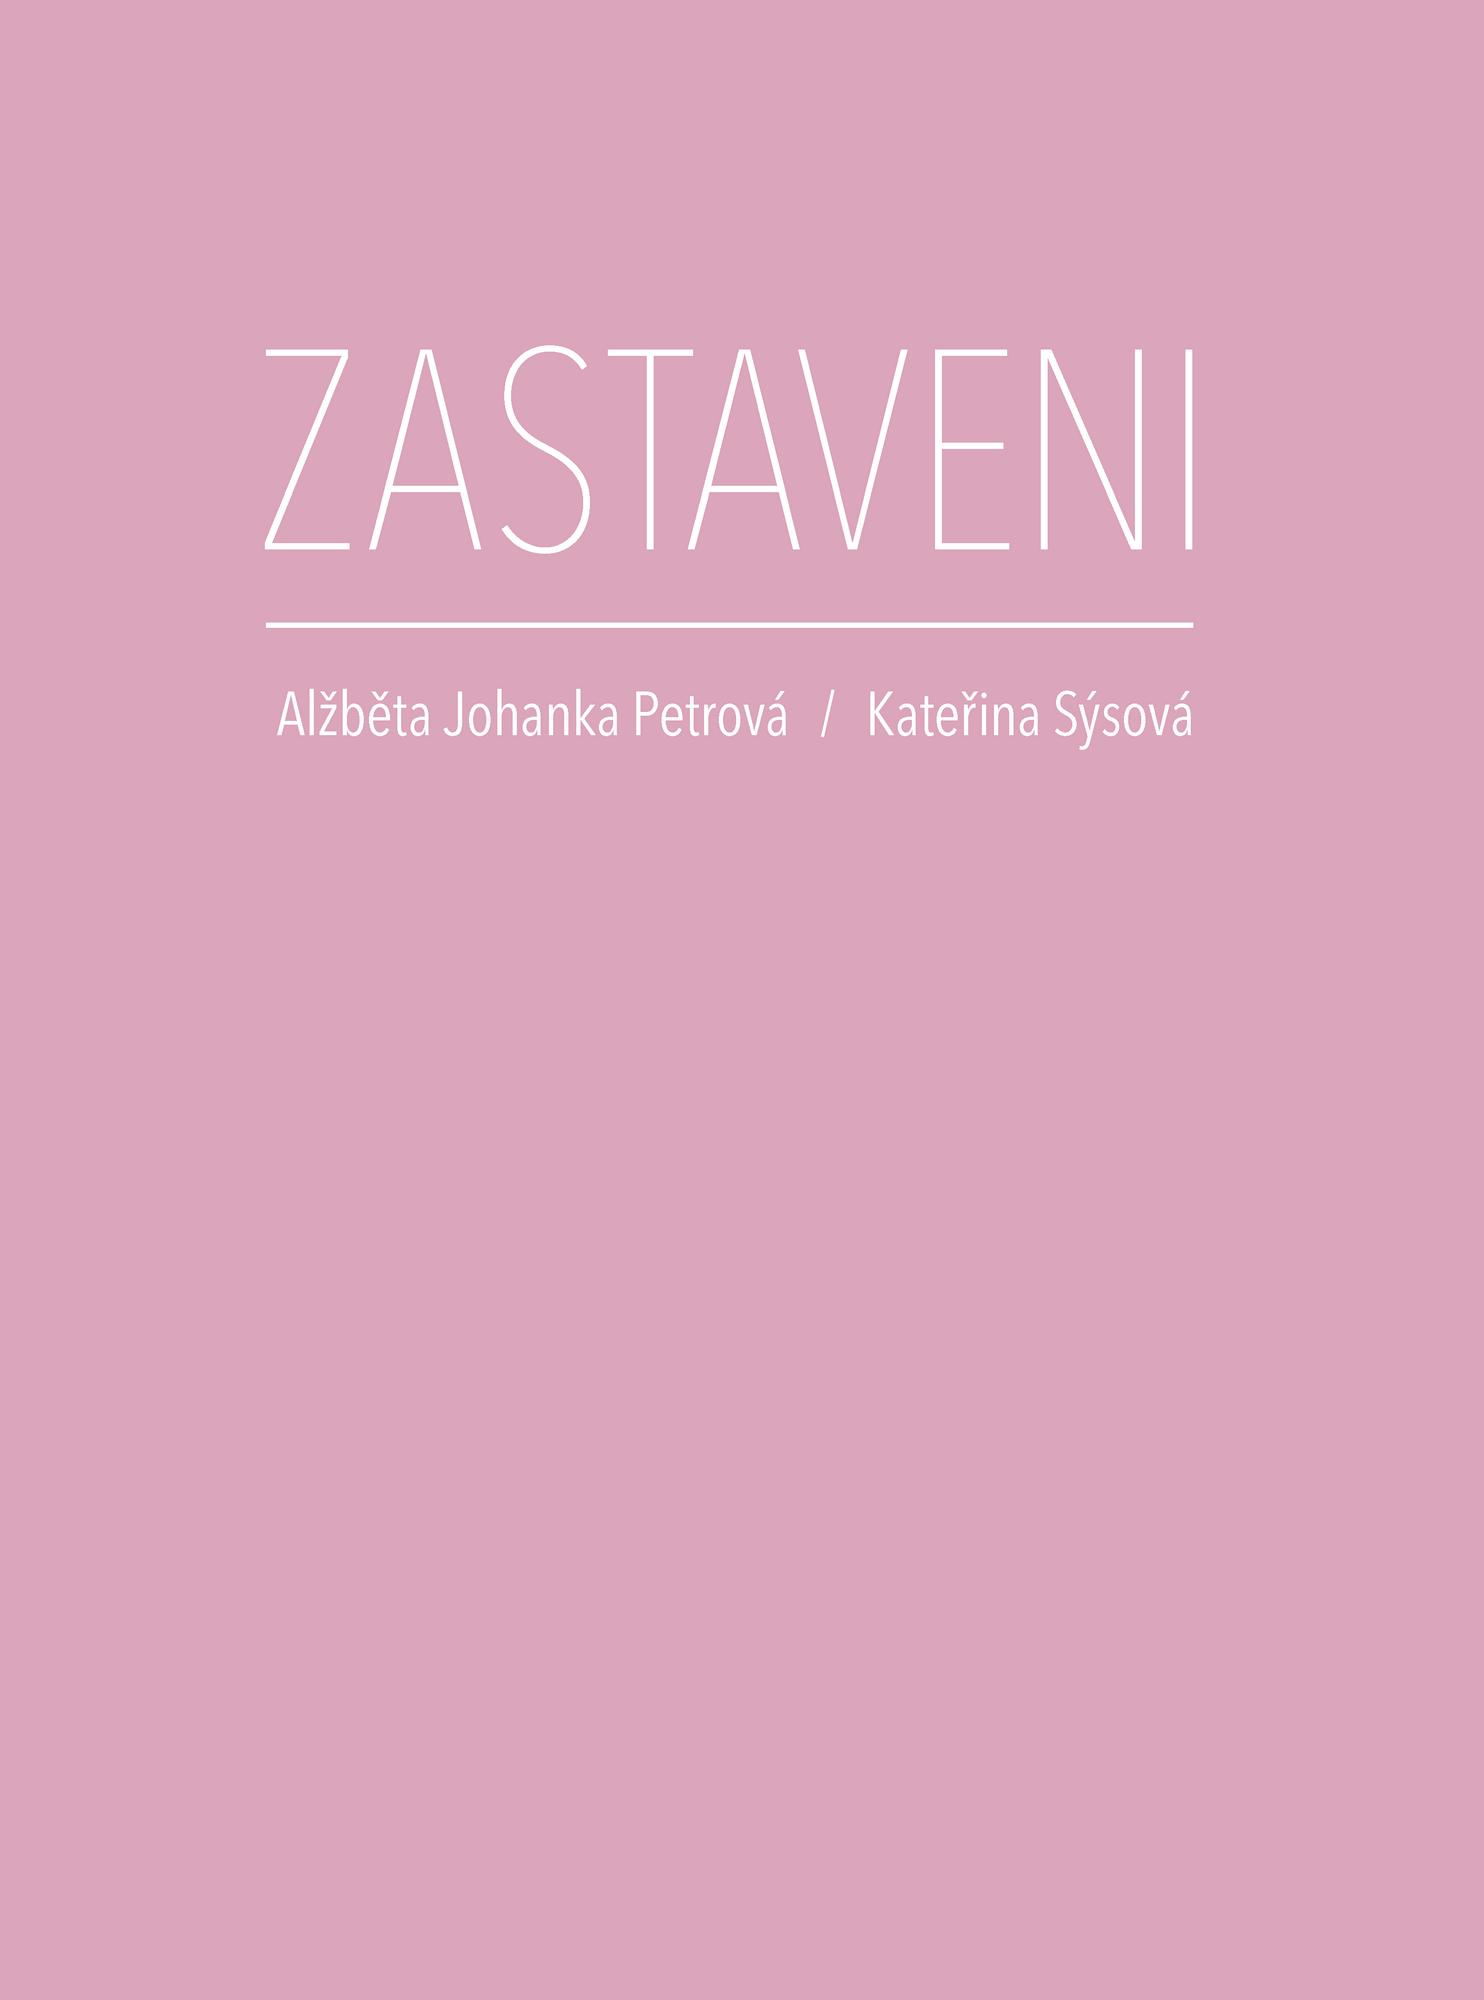 Alžběta Johanka Petrová/Kateřina Sýsová: Zastaveni